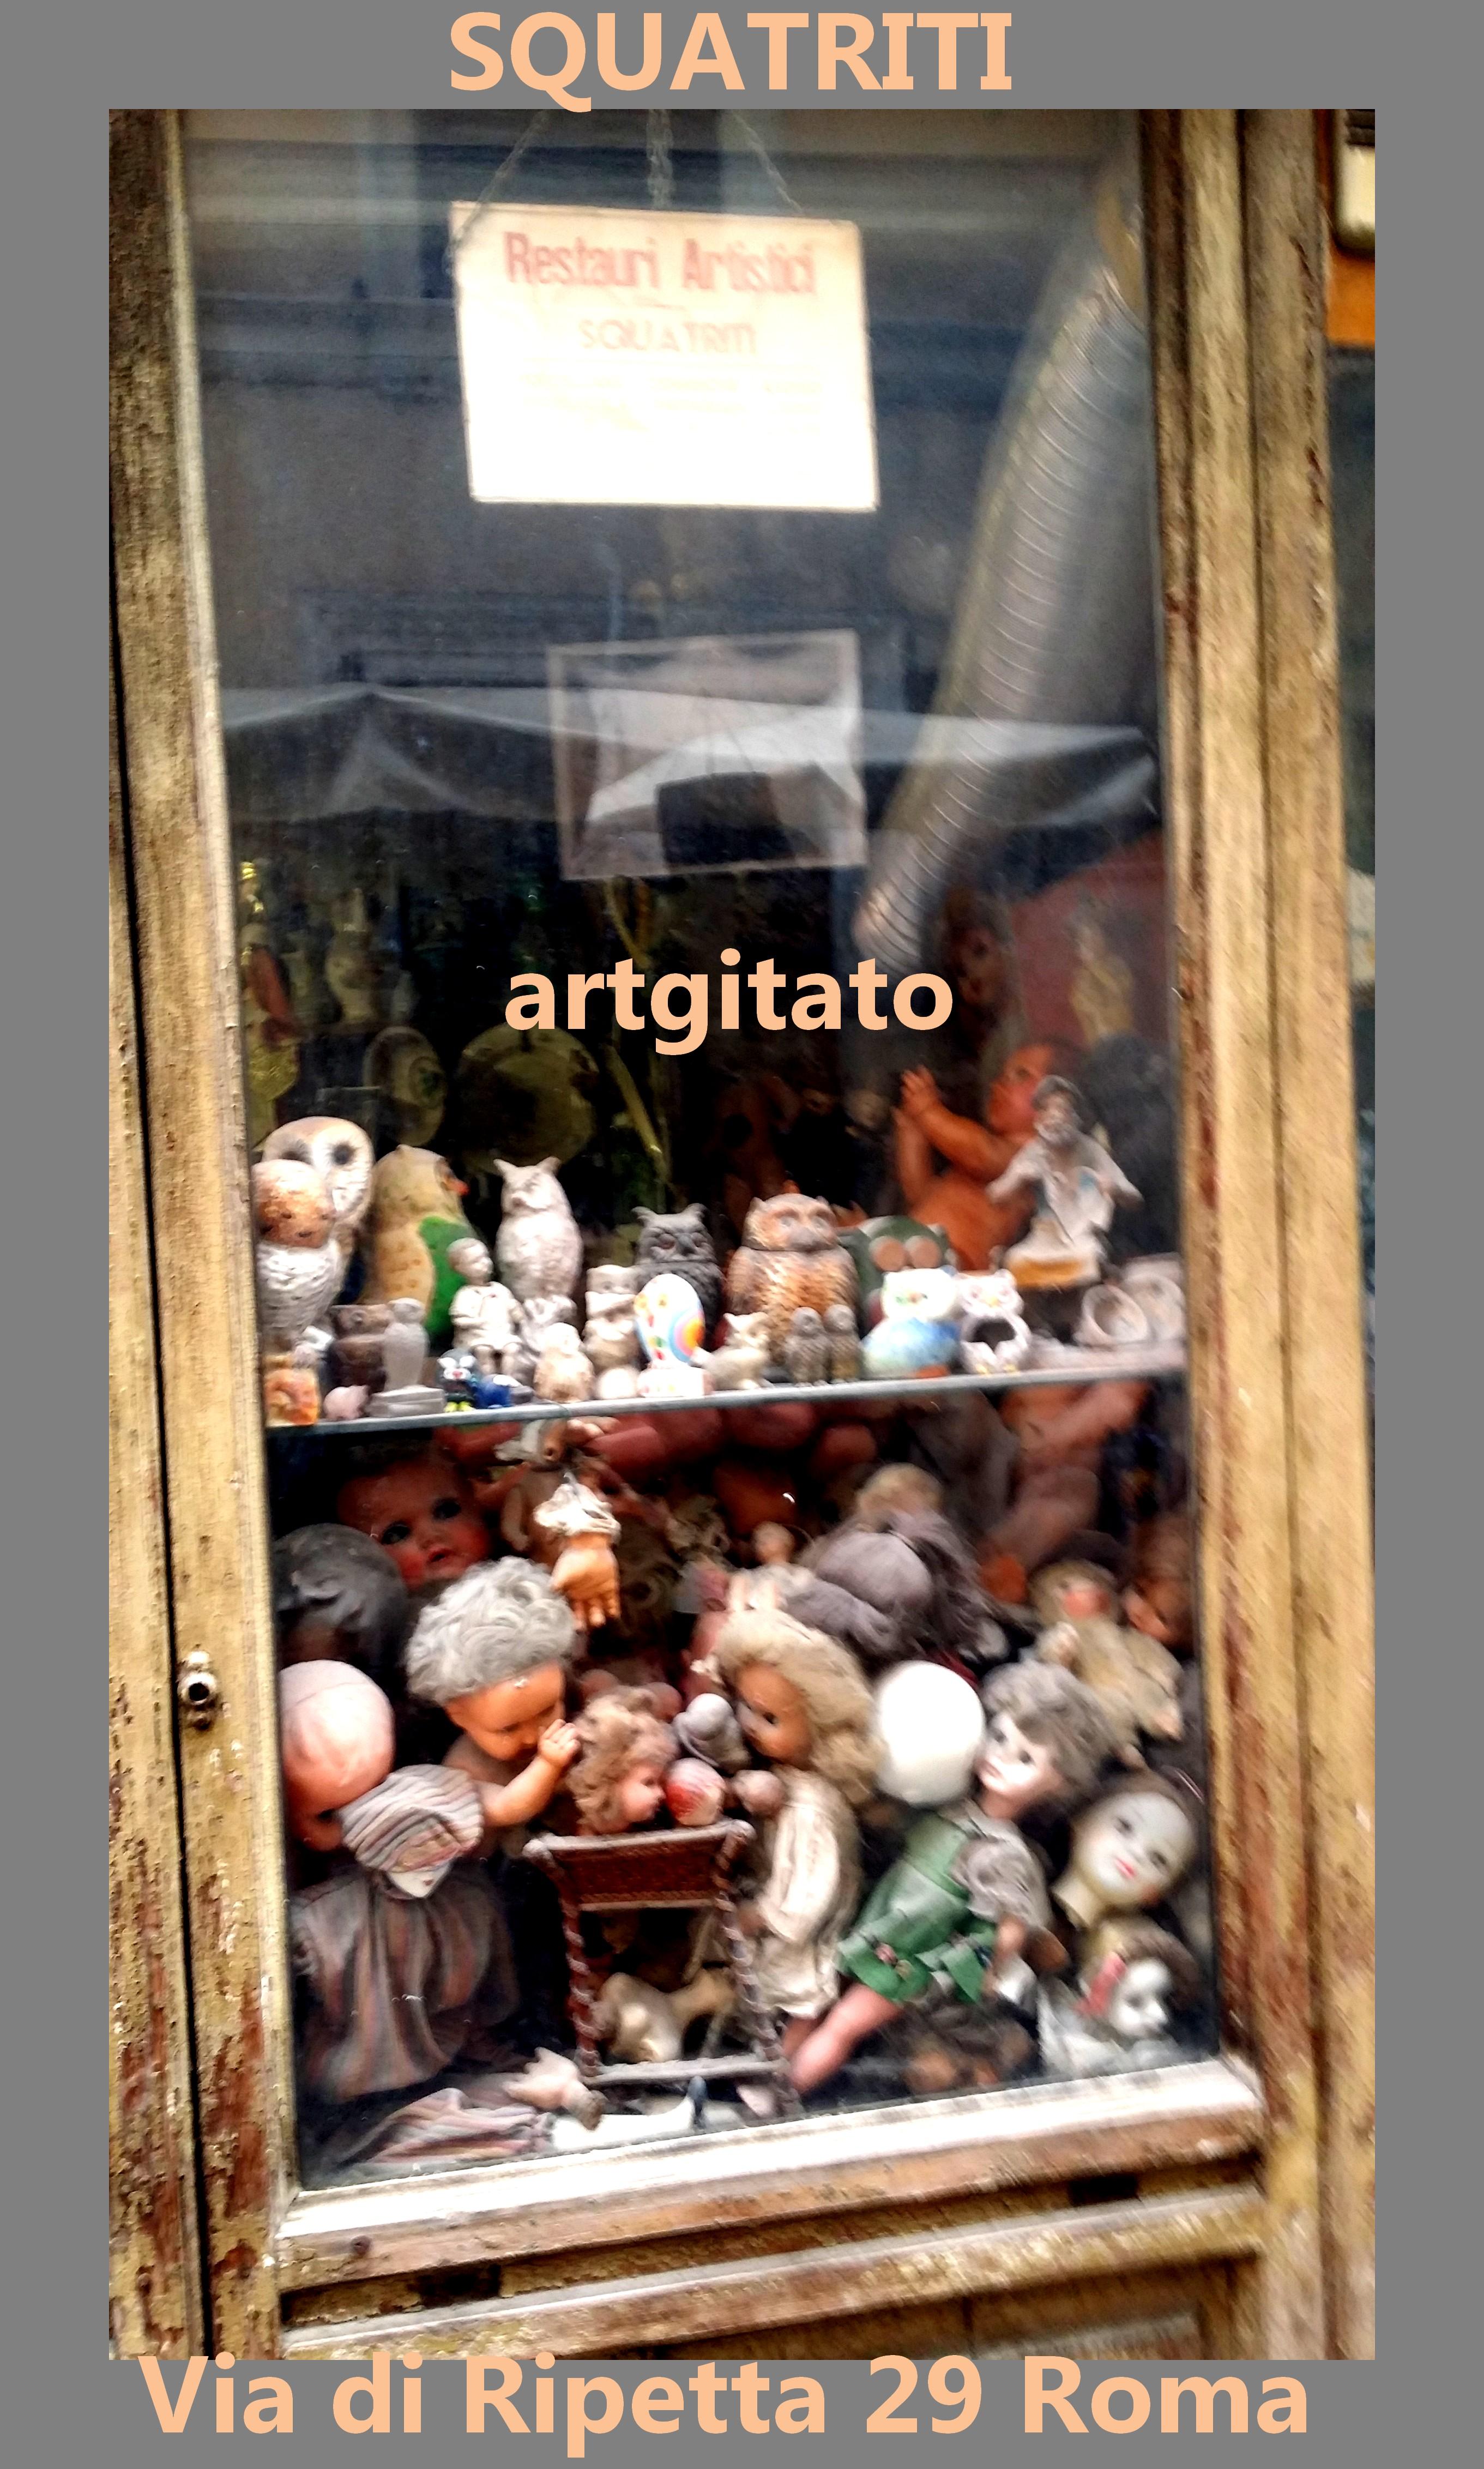 Via di Ripetta Squatriti Restaurateur de Poupée artgitato 11